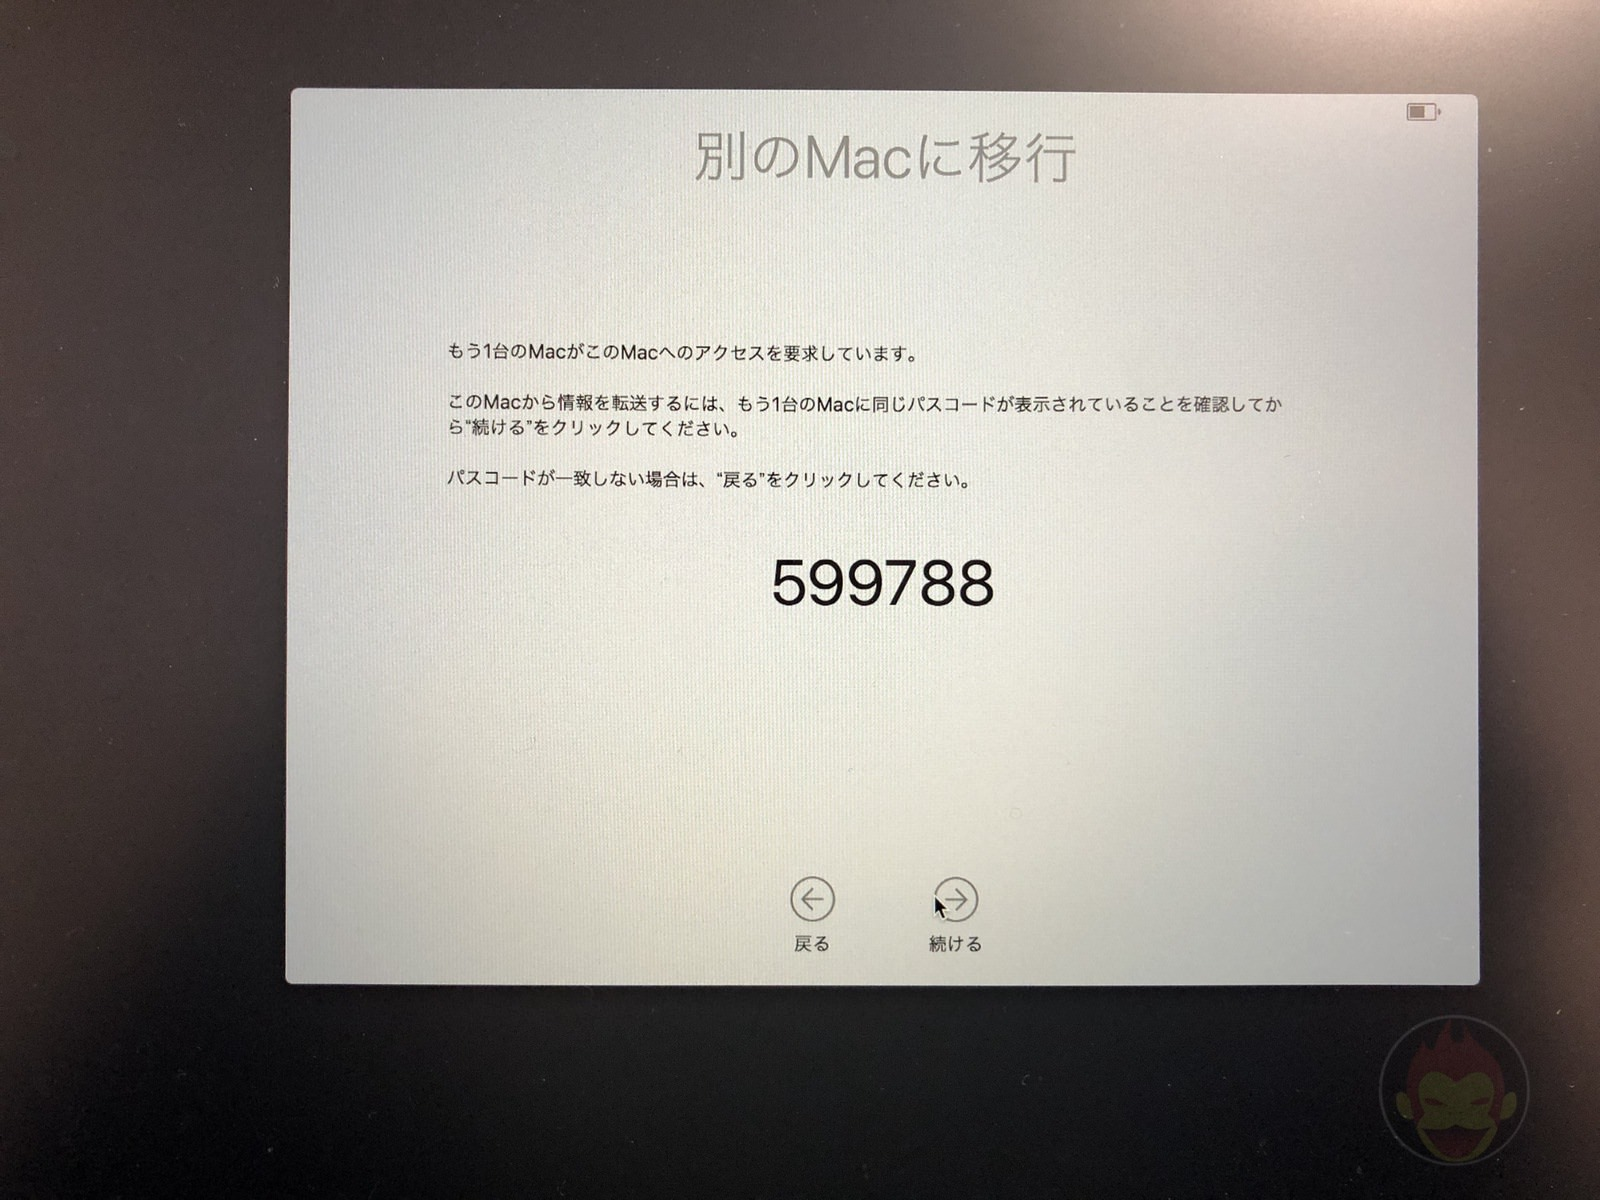 How-to-reset-macOS-on-Mac-50.jpg